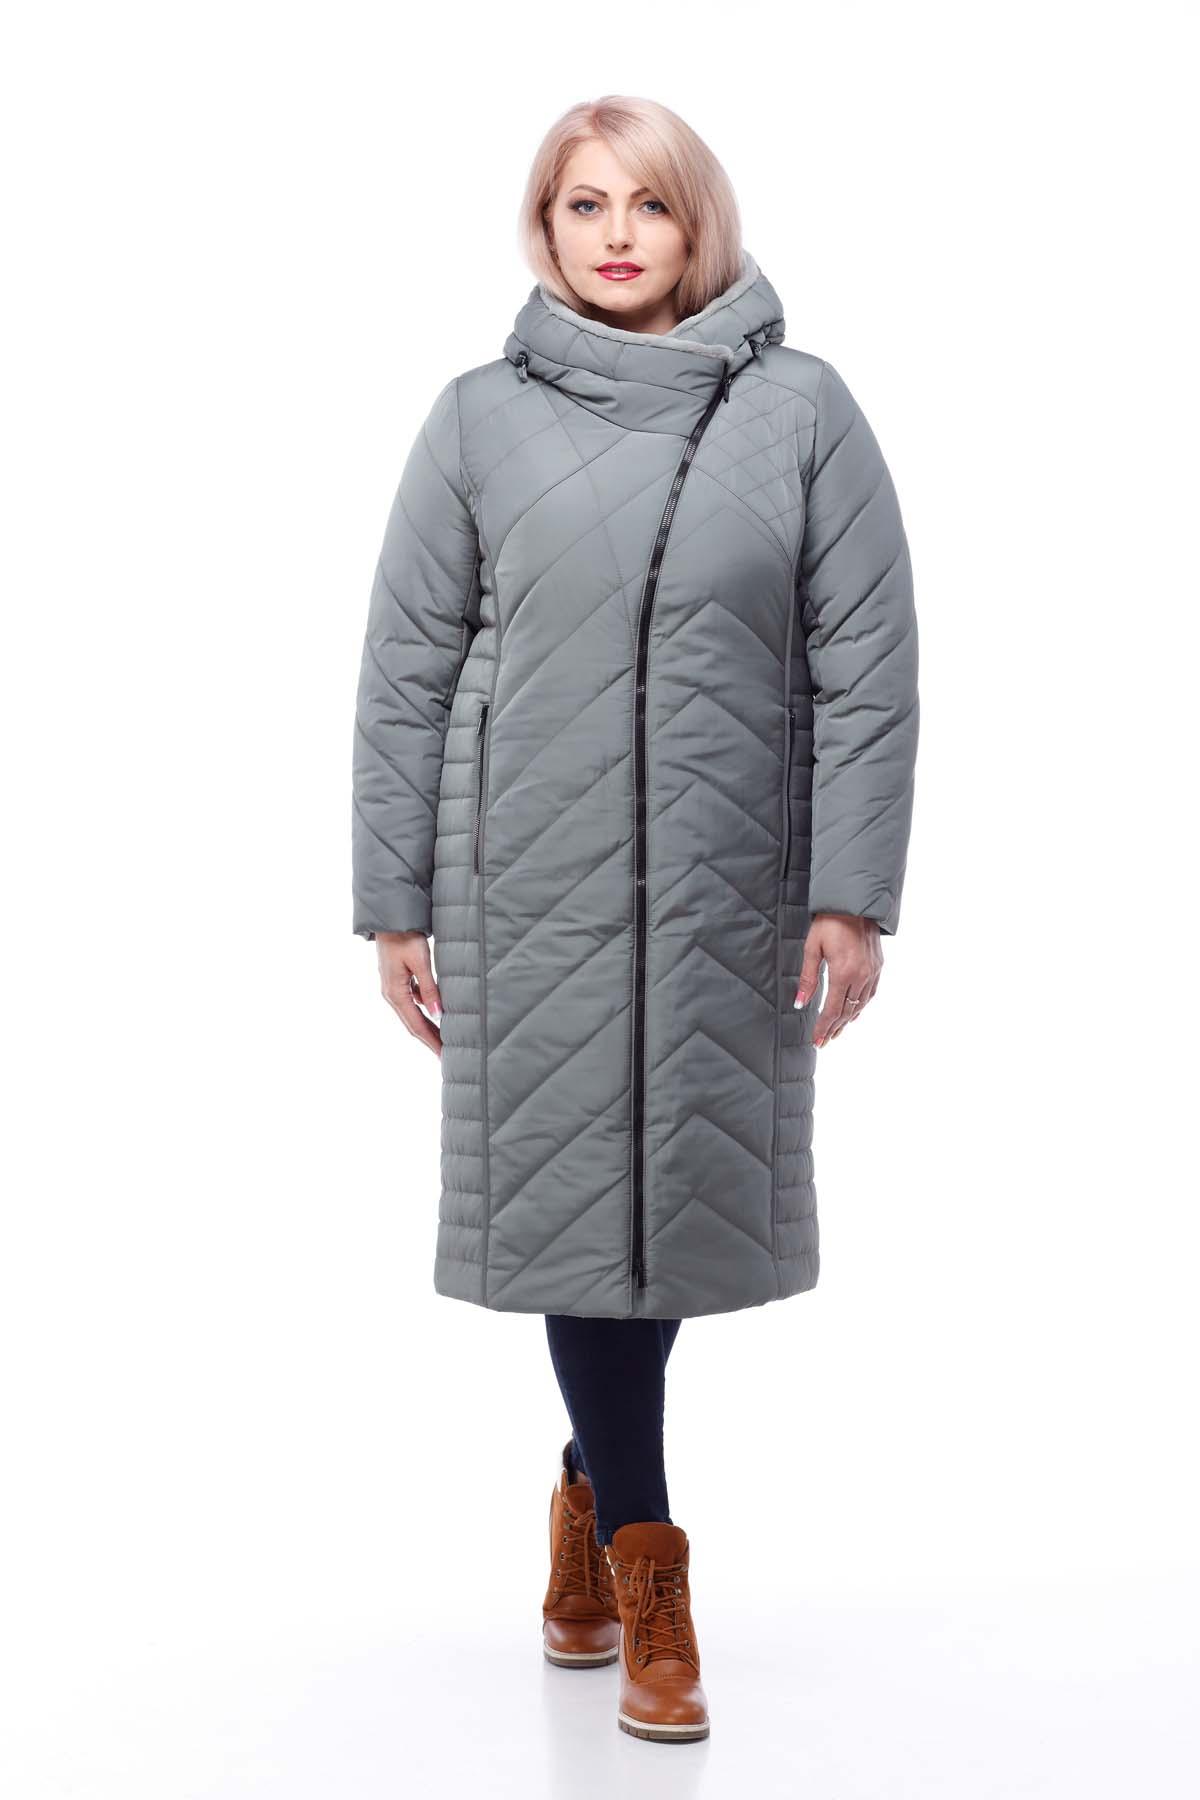 Зимове пальто Миру кролик фісташки